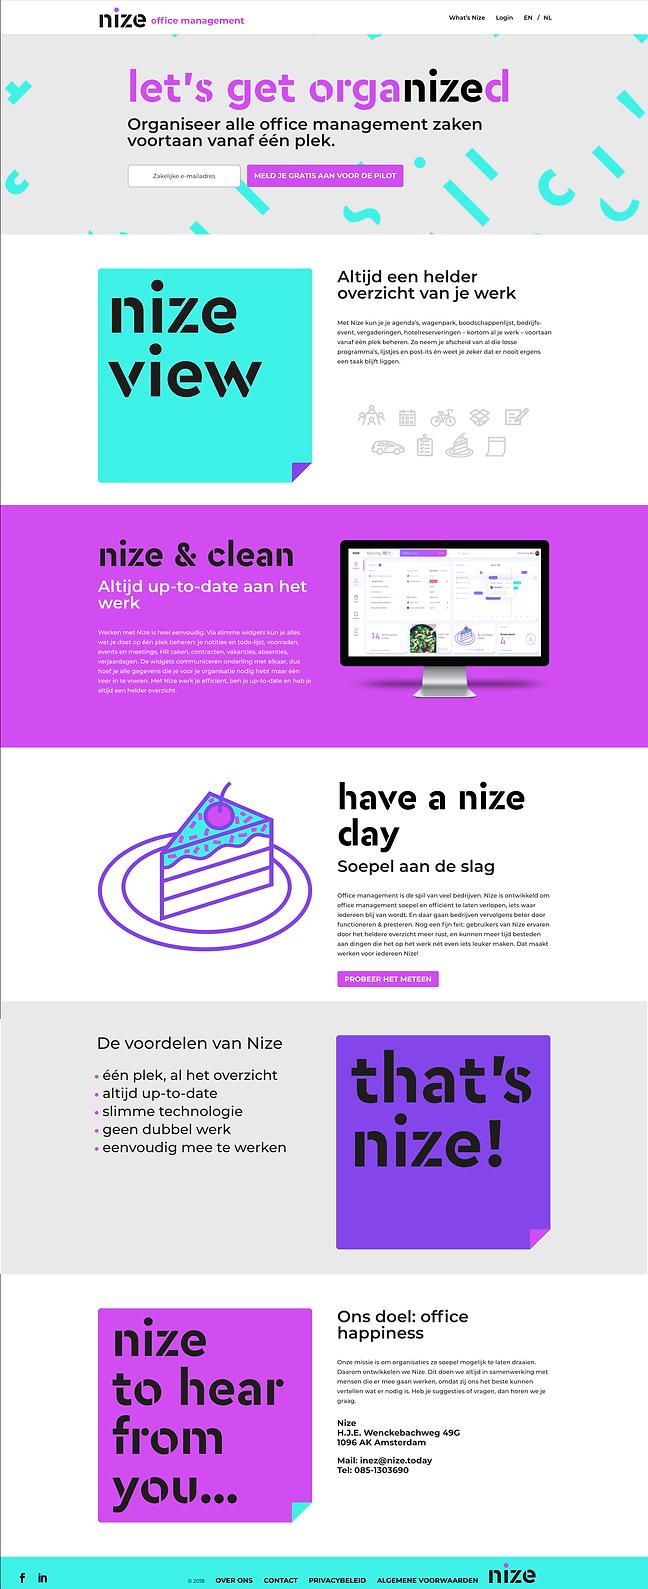 NIZE-webcopy-toneof-voice.nl.png